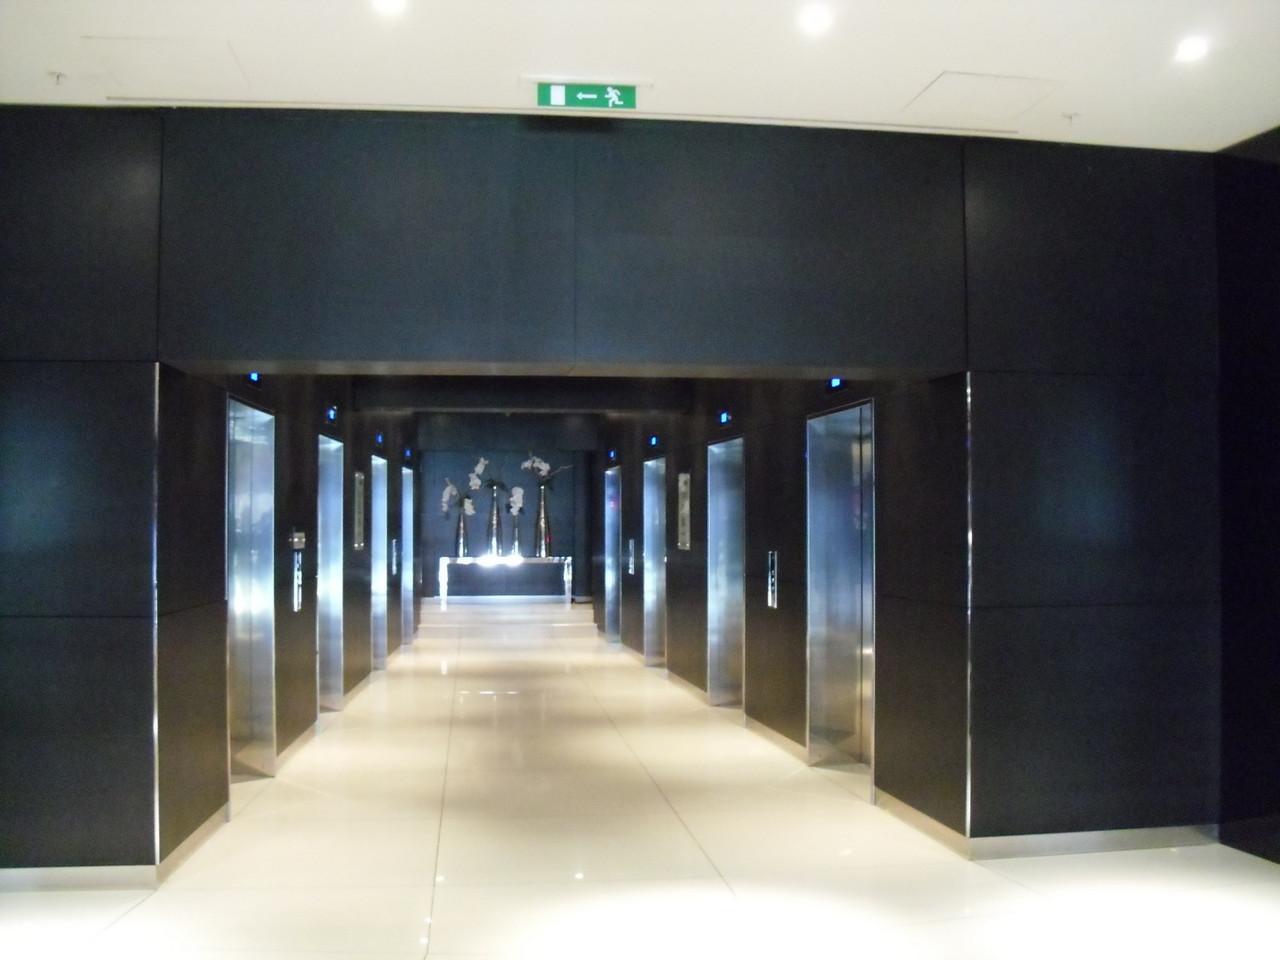 ロンドン・アイ+ウォータールー駅周辺のモダンなパークプラザホテル4